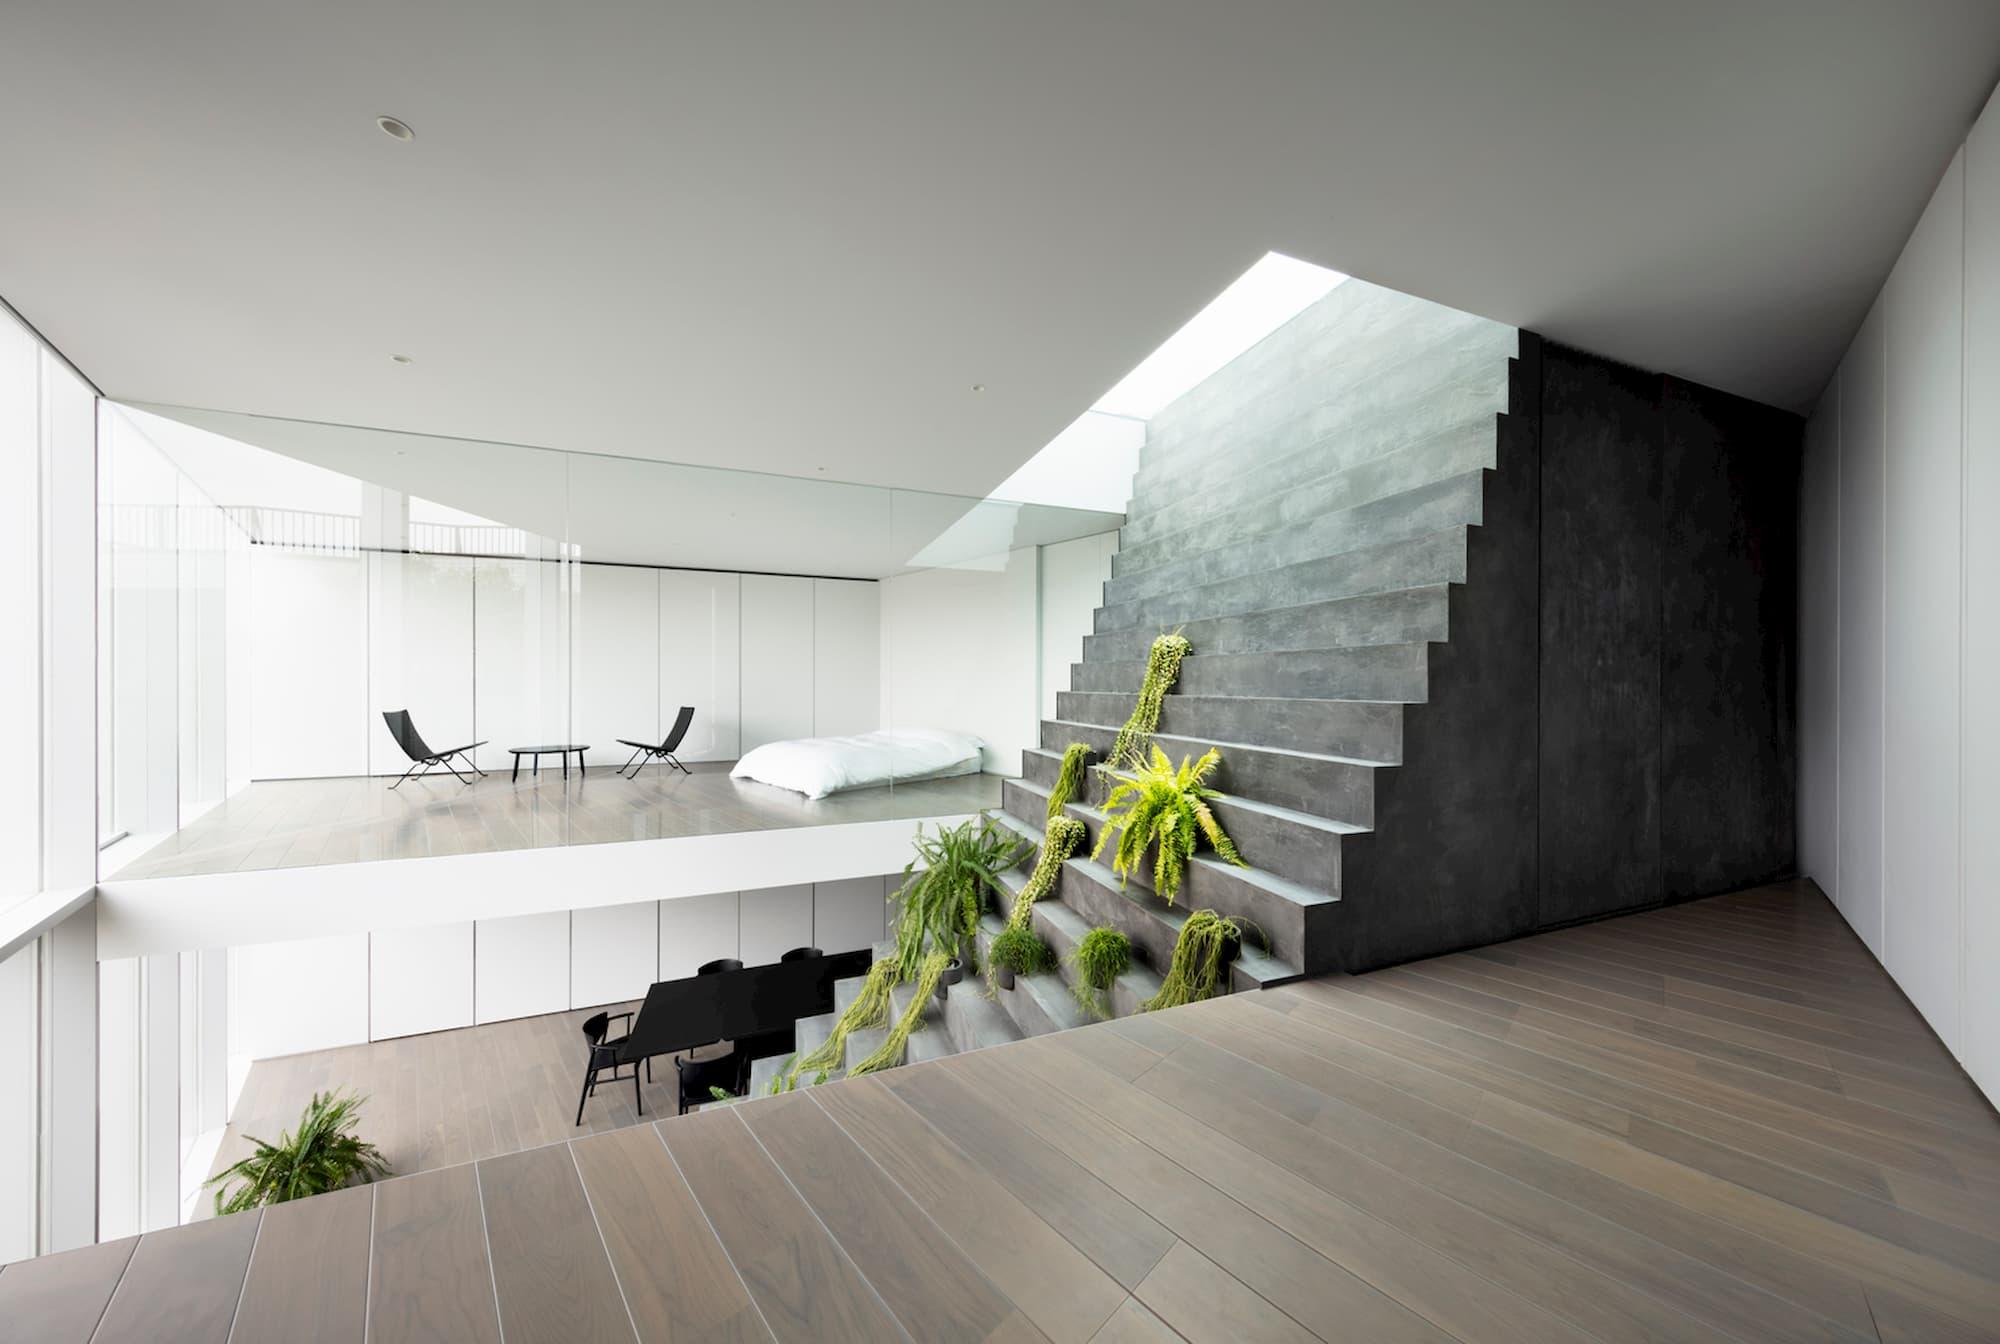 stairway_house48_takumi_ota